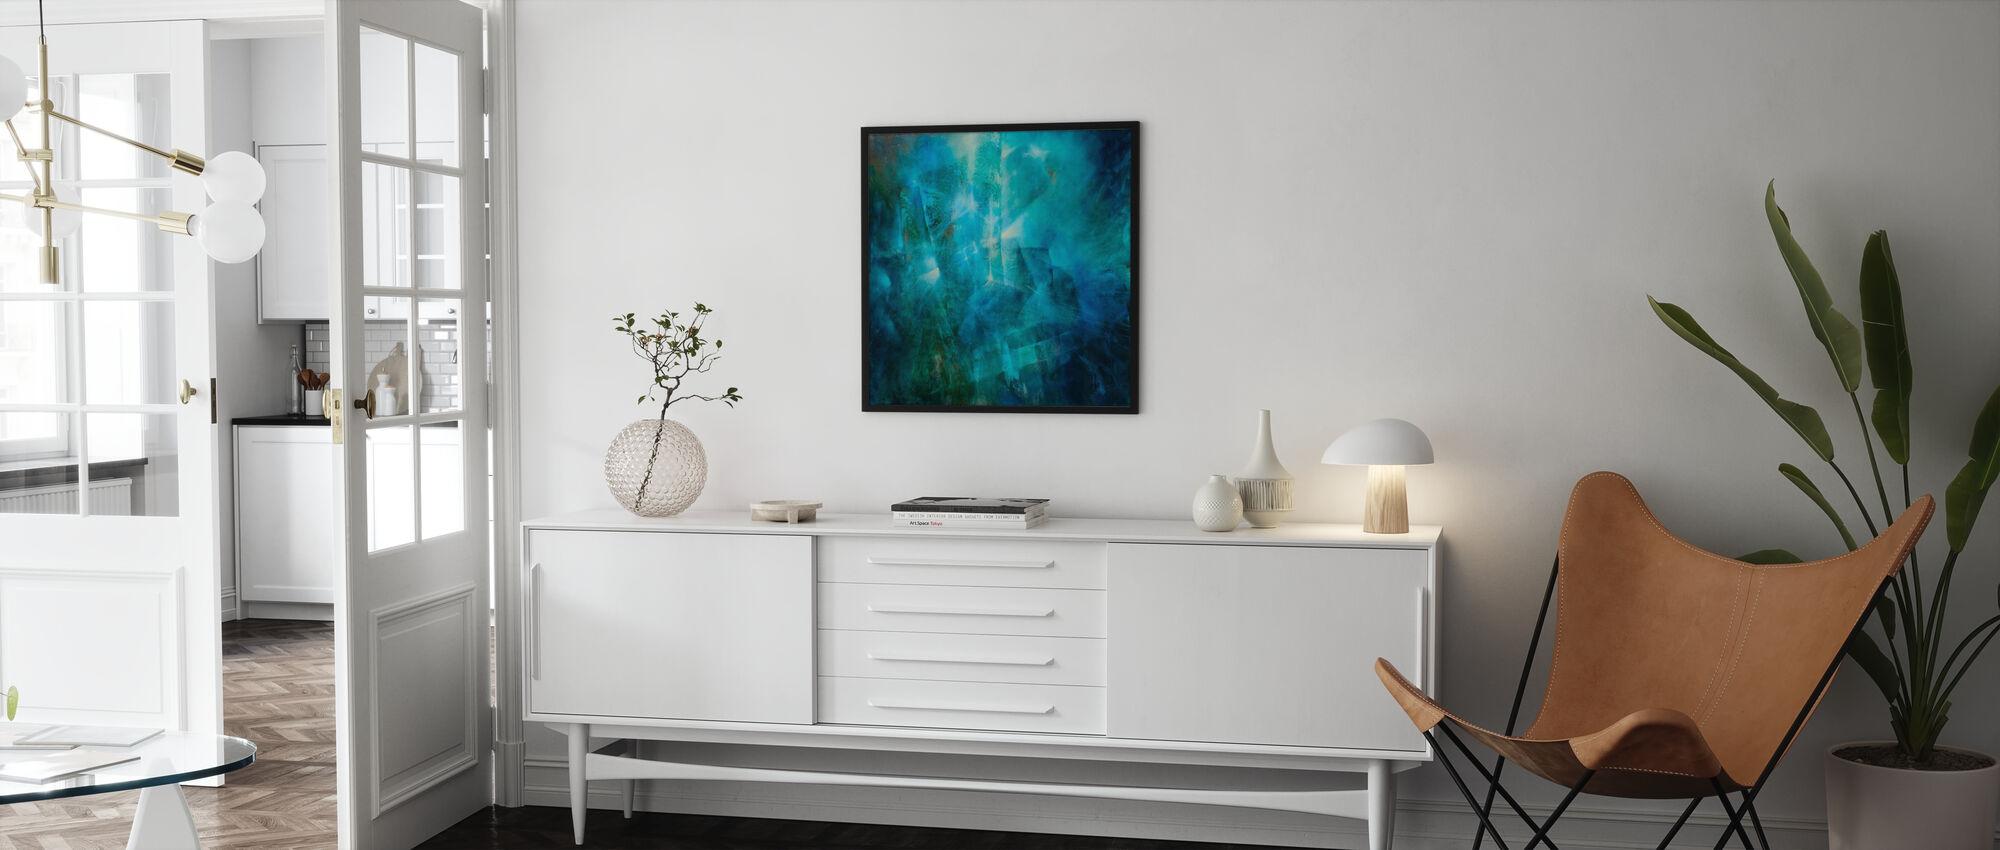 Emerald II - Poster - Living Room